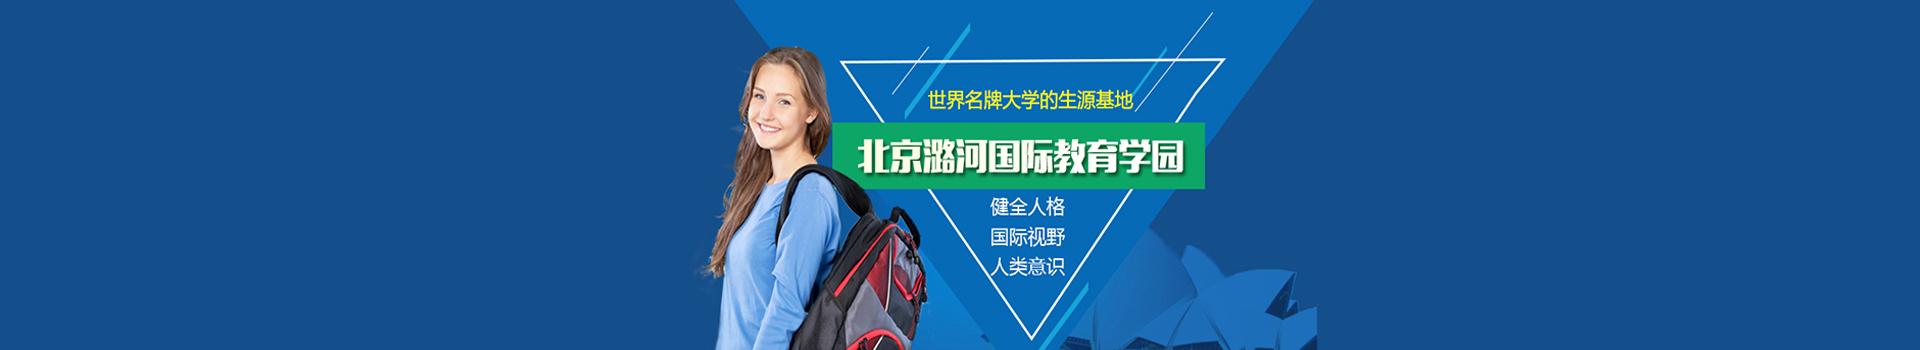 潞河国际教育学园